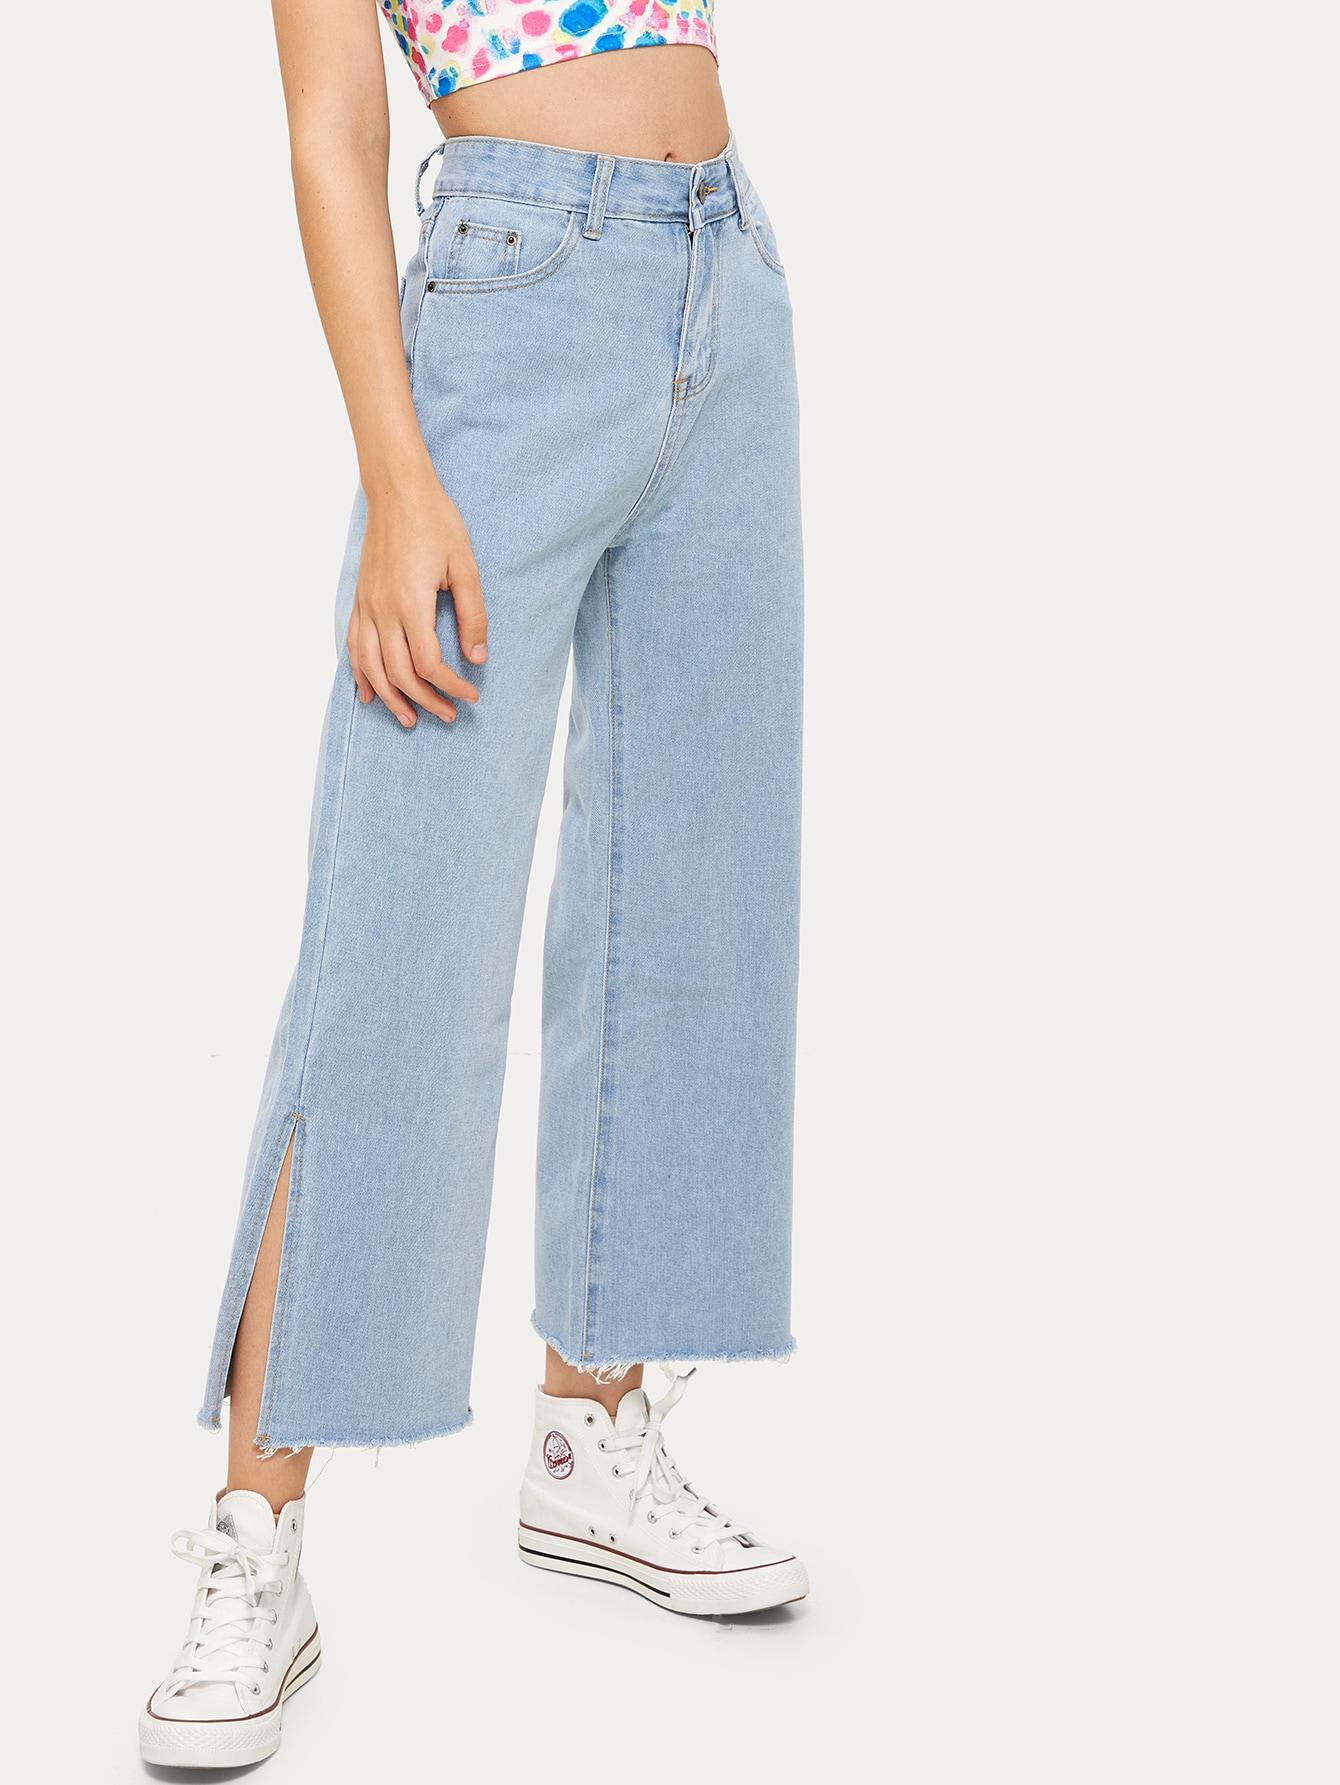 Фото - Однотонные широкие джинсы с разрезом от SheIn синего цвета